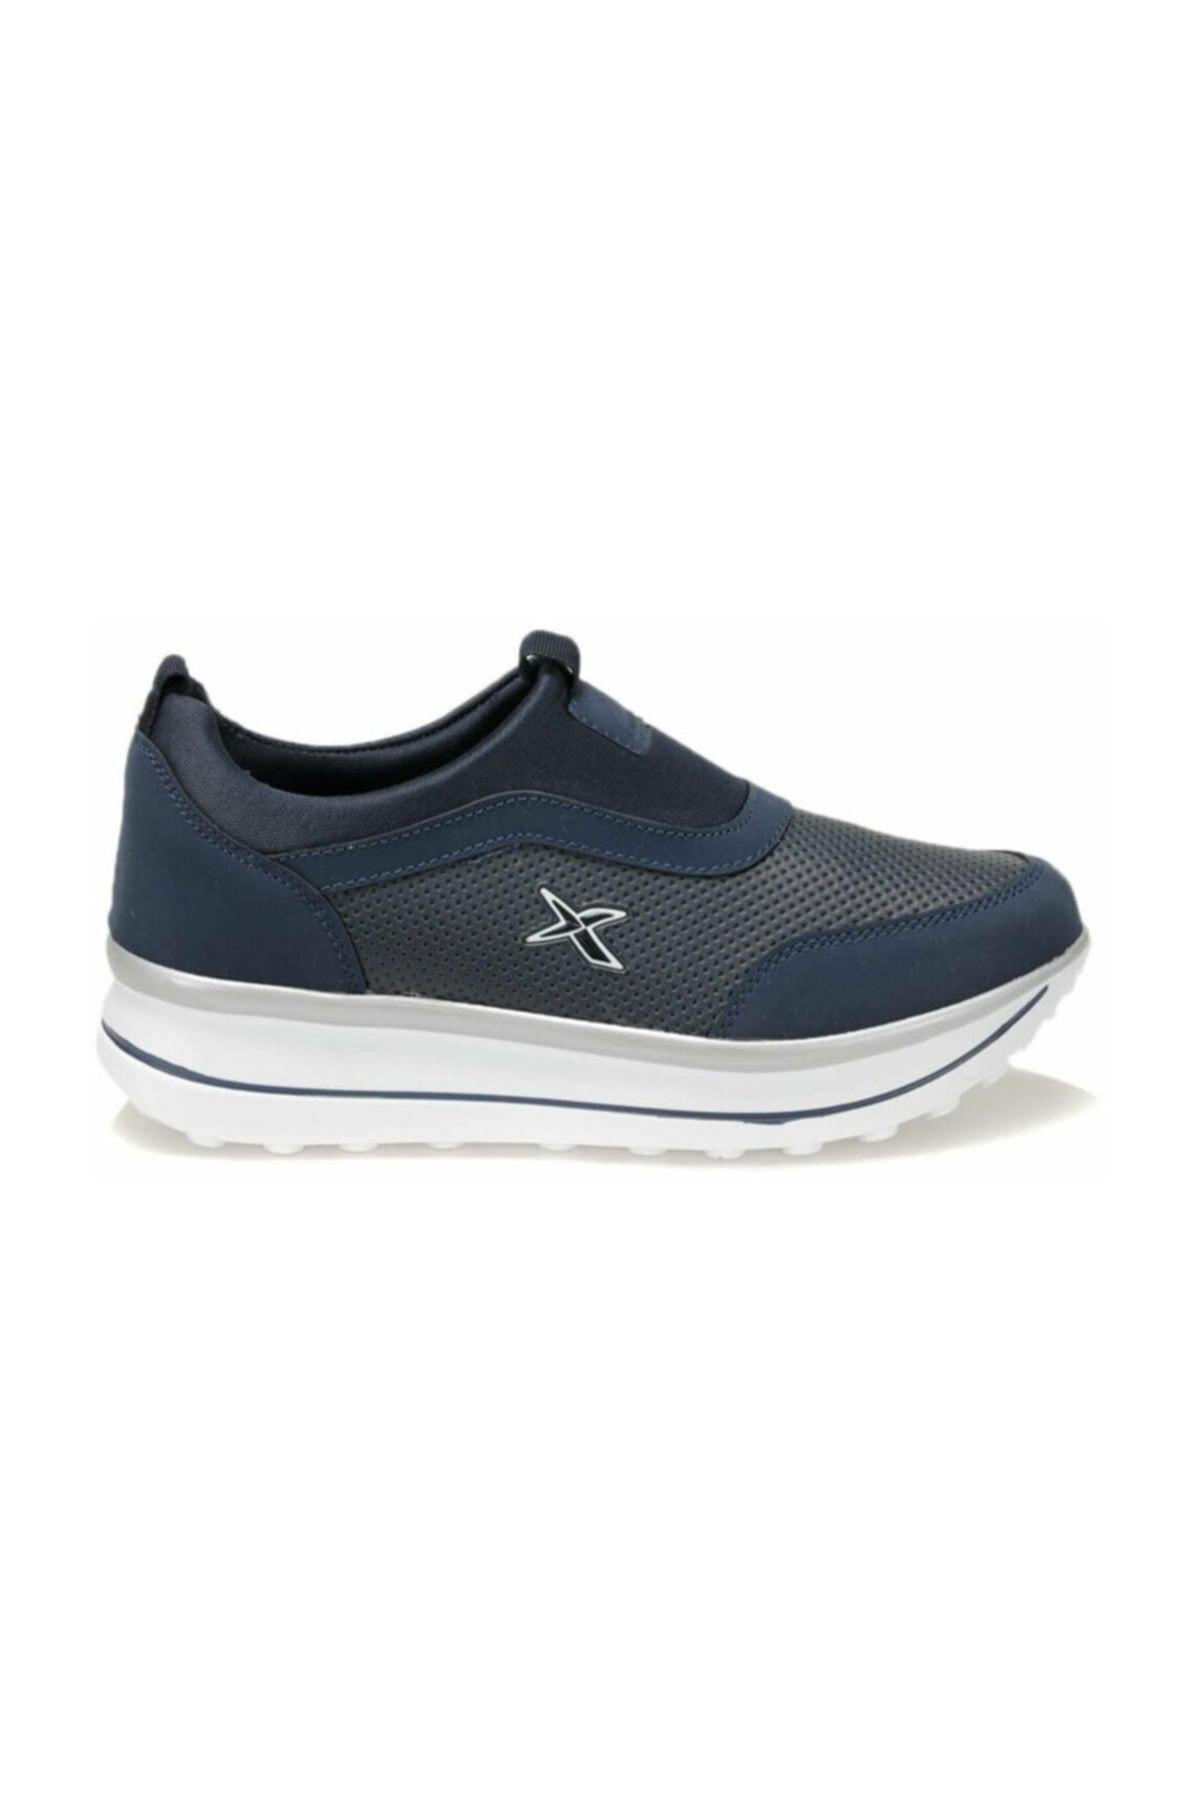 Kinetix Pauleta 100244052 Lacivert Kadın Slip On Ayakkabı 1